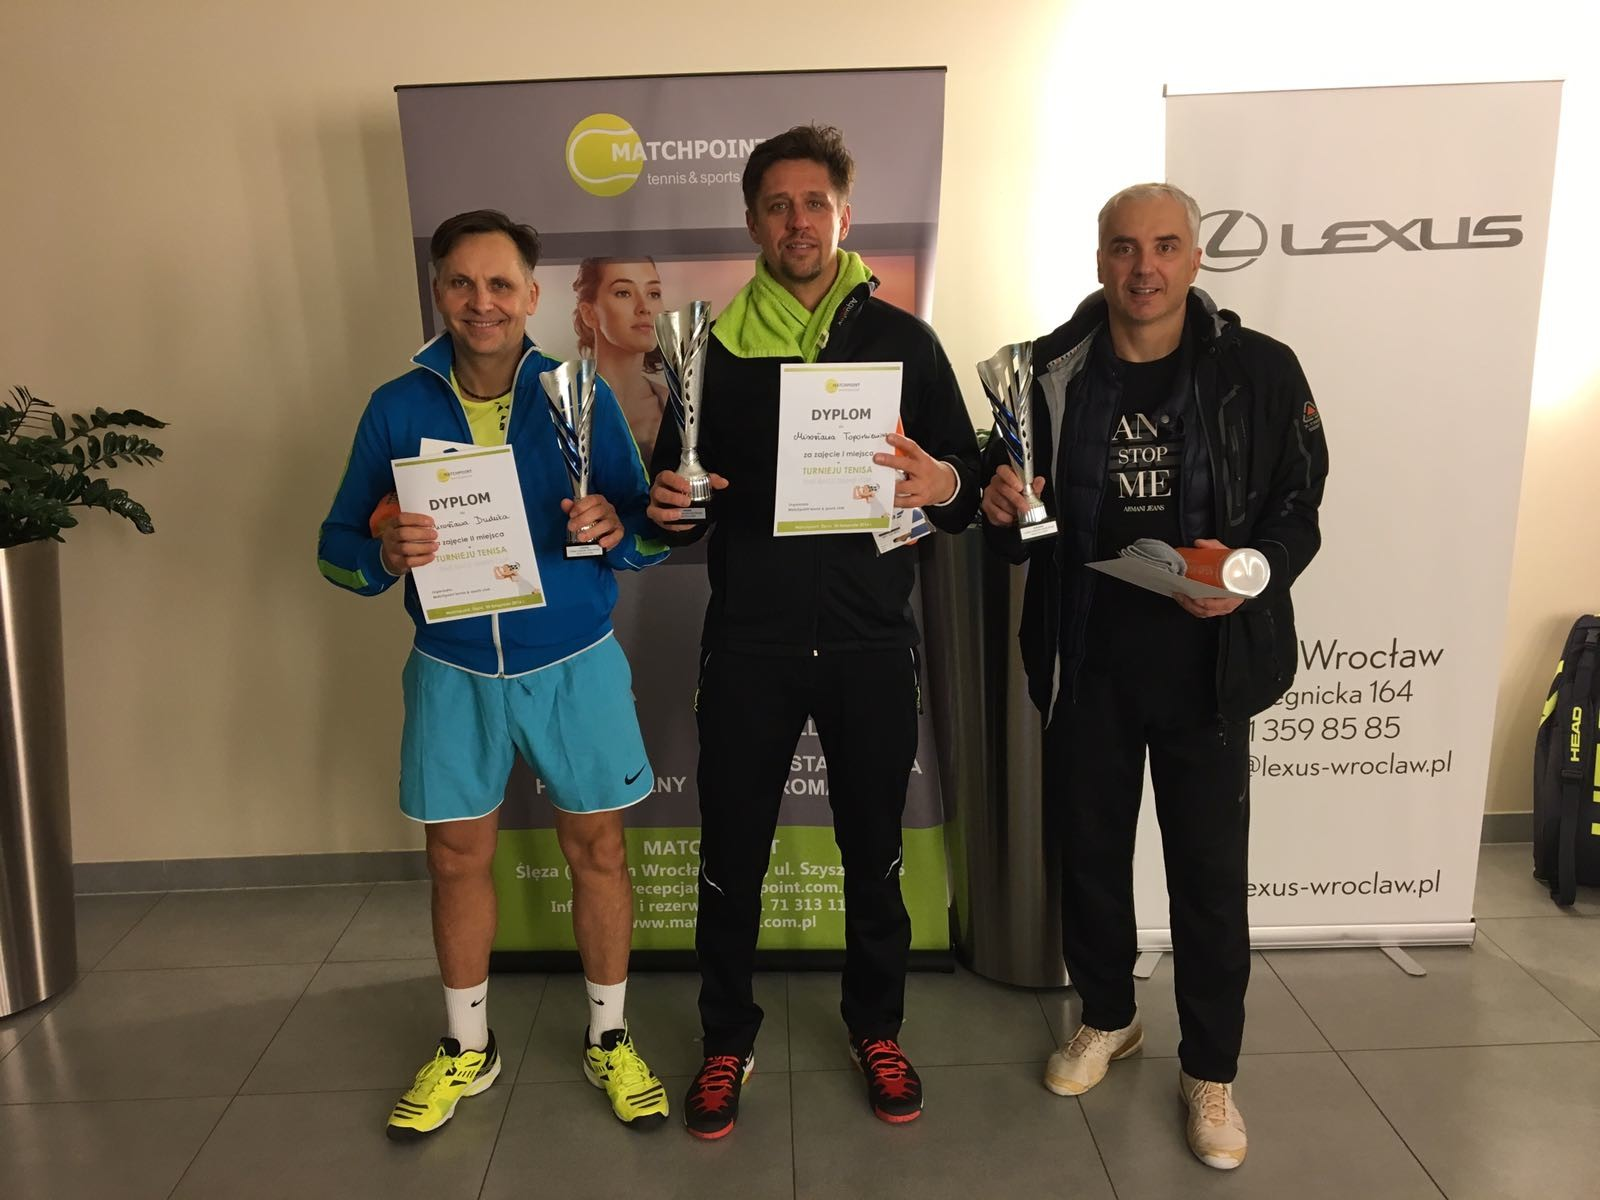 """Anna Leśnikowska i Mirosław Toporkiewicz zwycięzcami Turnieju Tenisa """"Time Race Tennis Cup by Matchpoint!"""""""